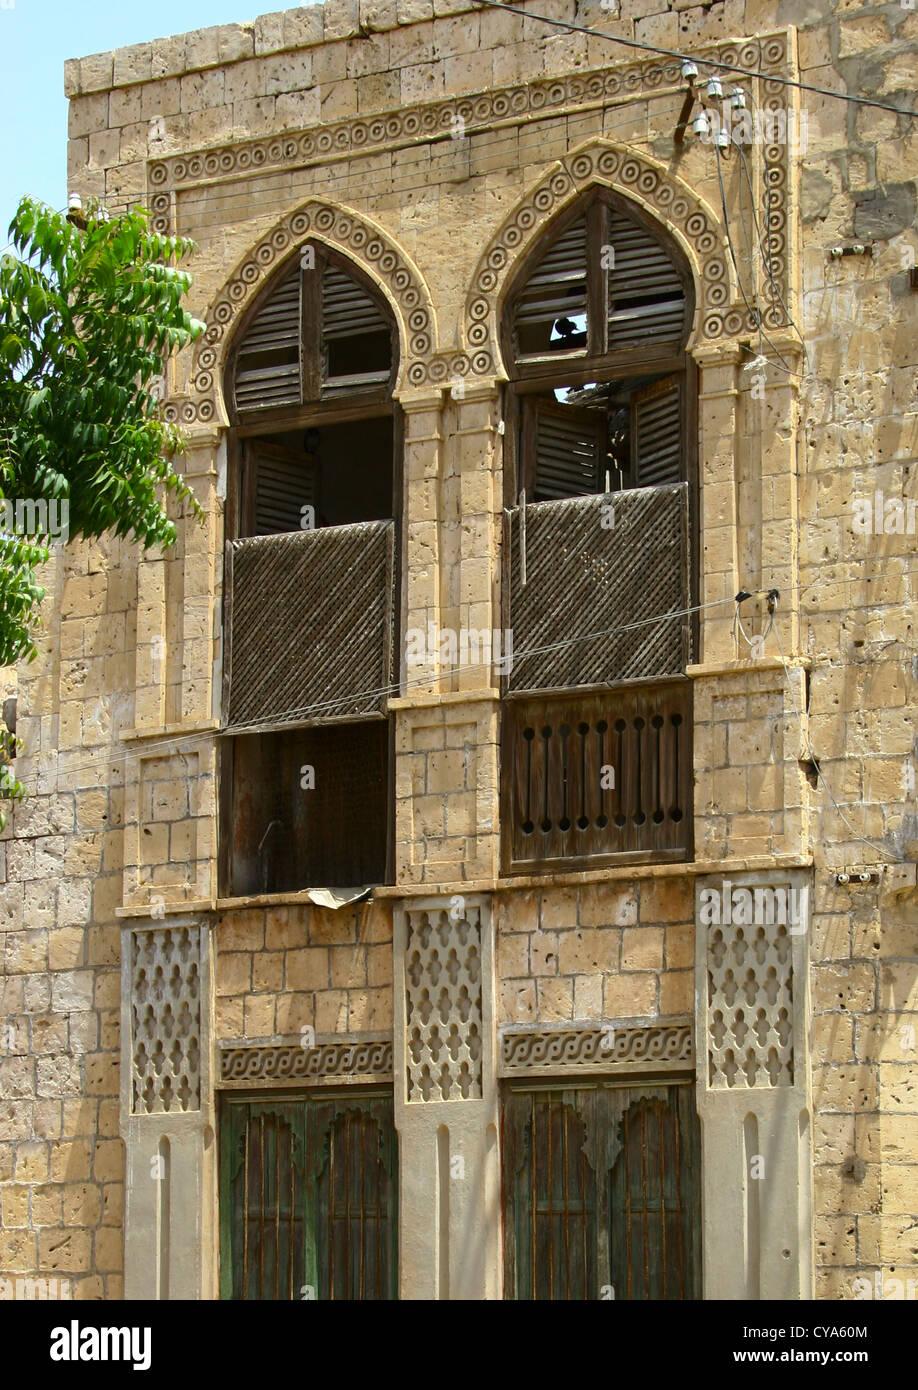 Edificio otomano en Massawa, Eritrea Foto de stock